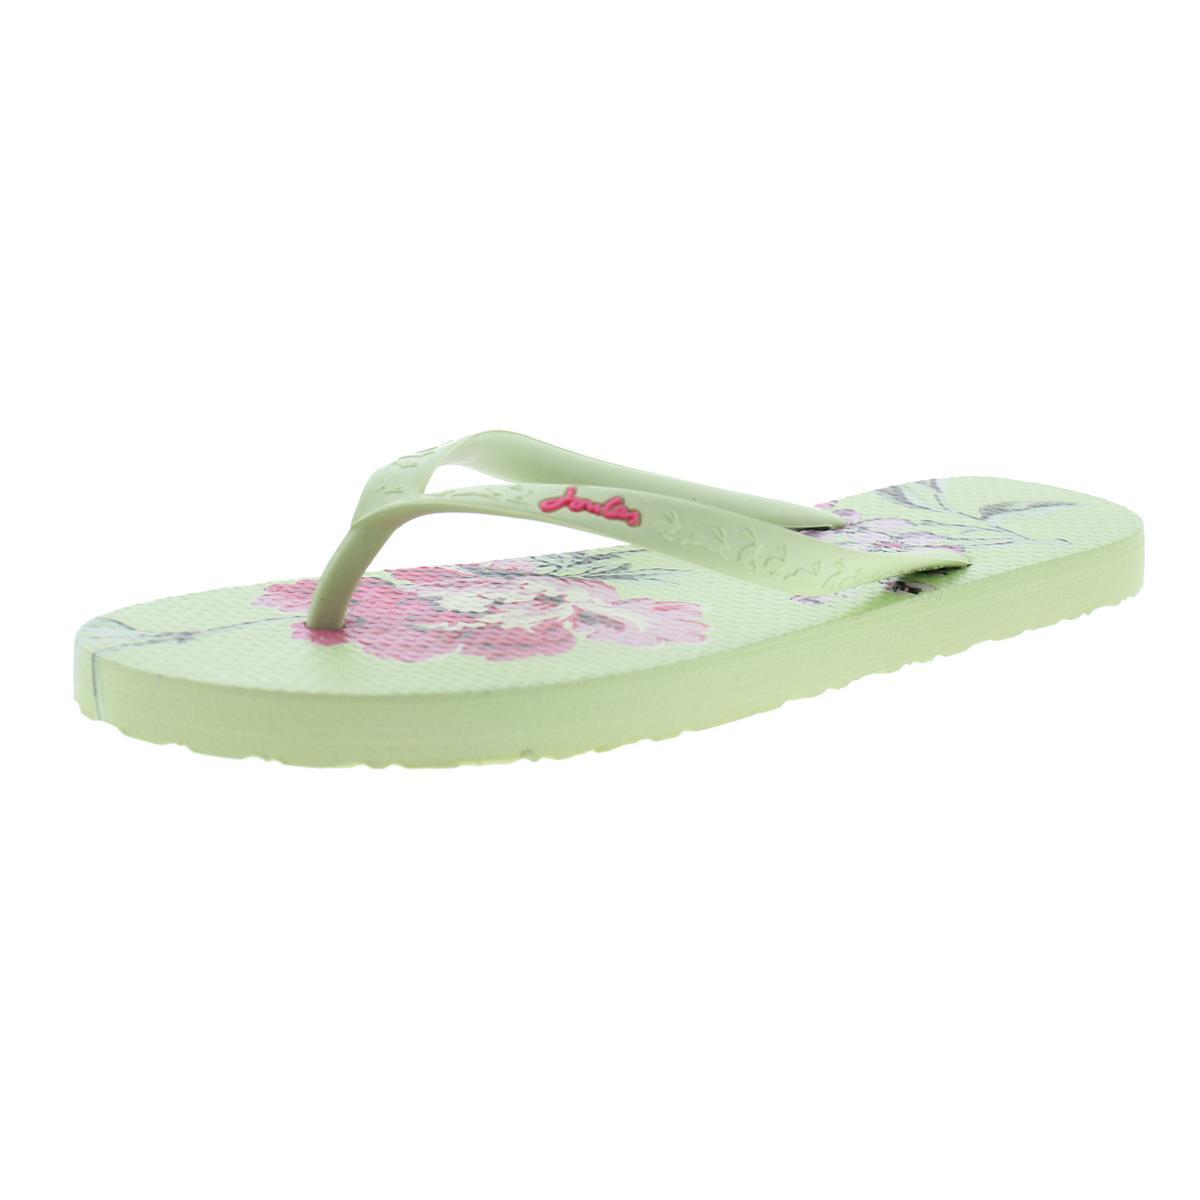 Joules Womens Sandy Thong Textured Sandals Flip-Flops -2318